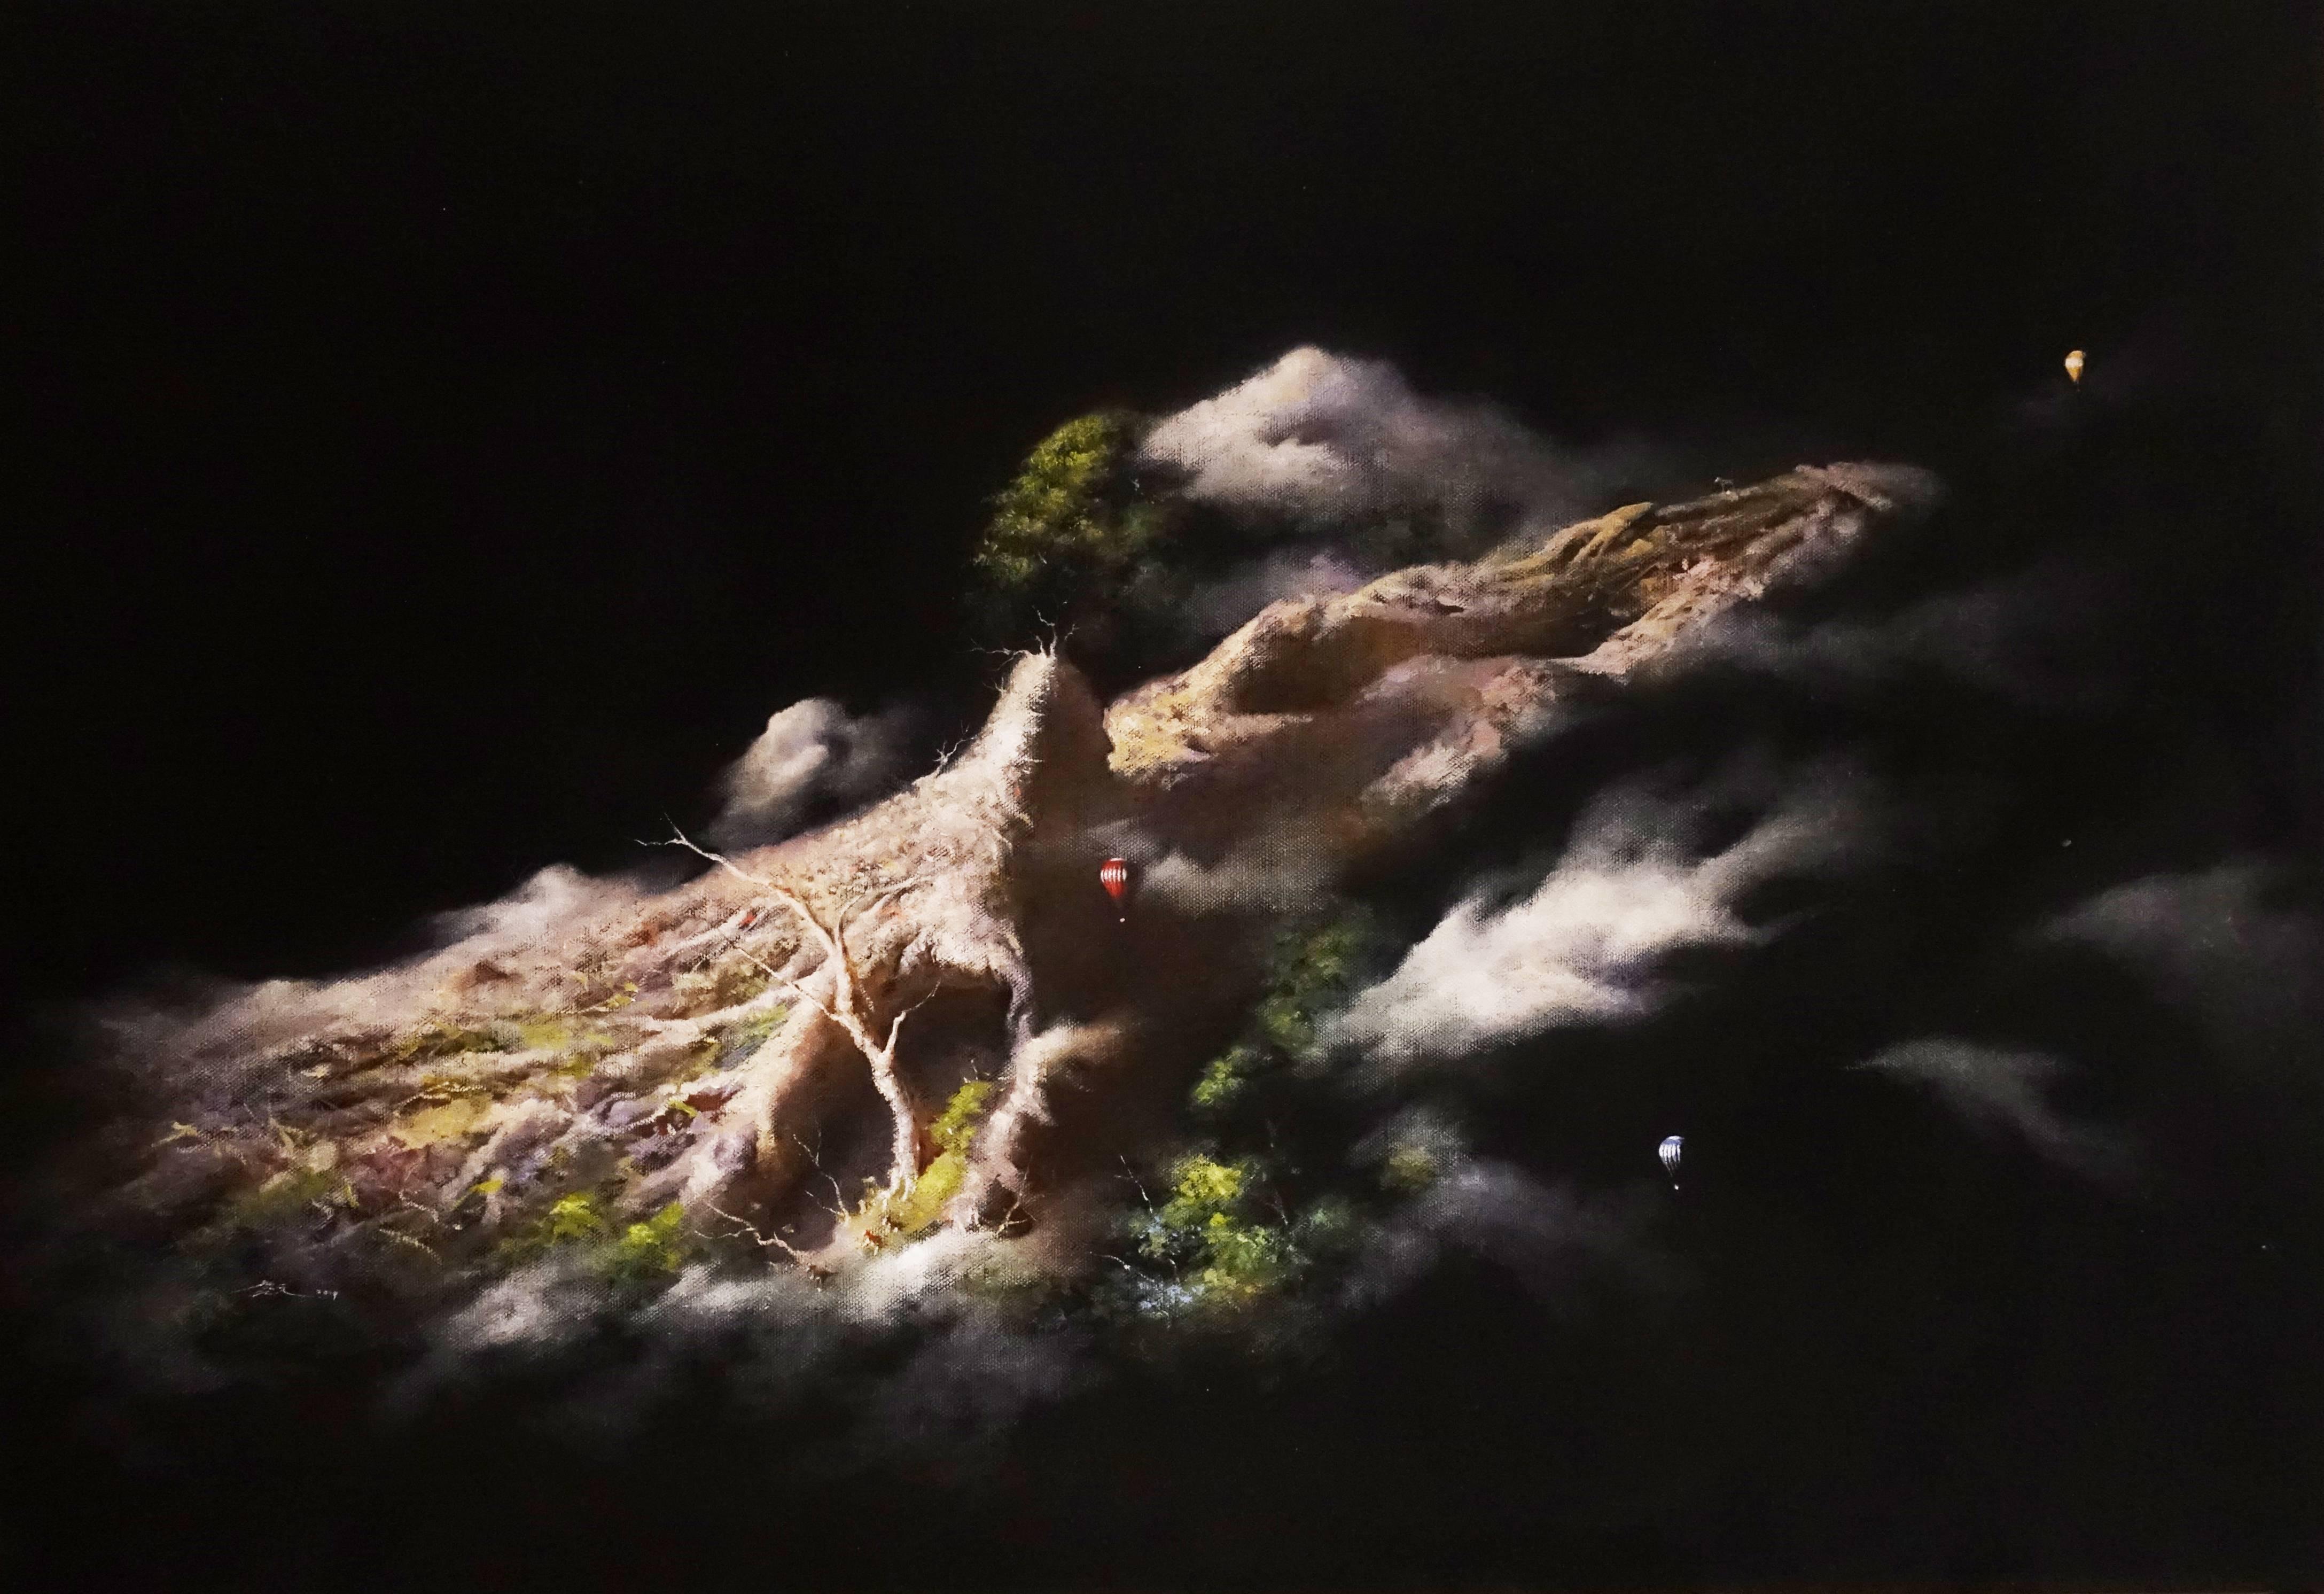 新藝藝術中心藝術家 - 高慶元《旅者系列~出發》,72.5 x 50 cm ,油畫,2019。